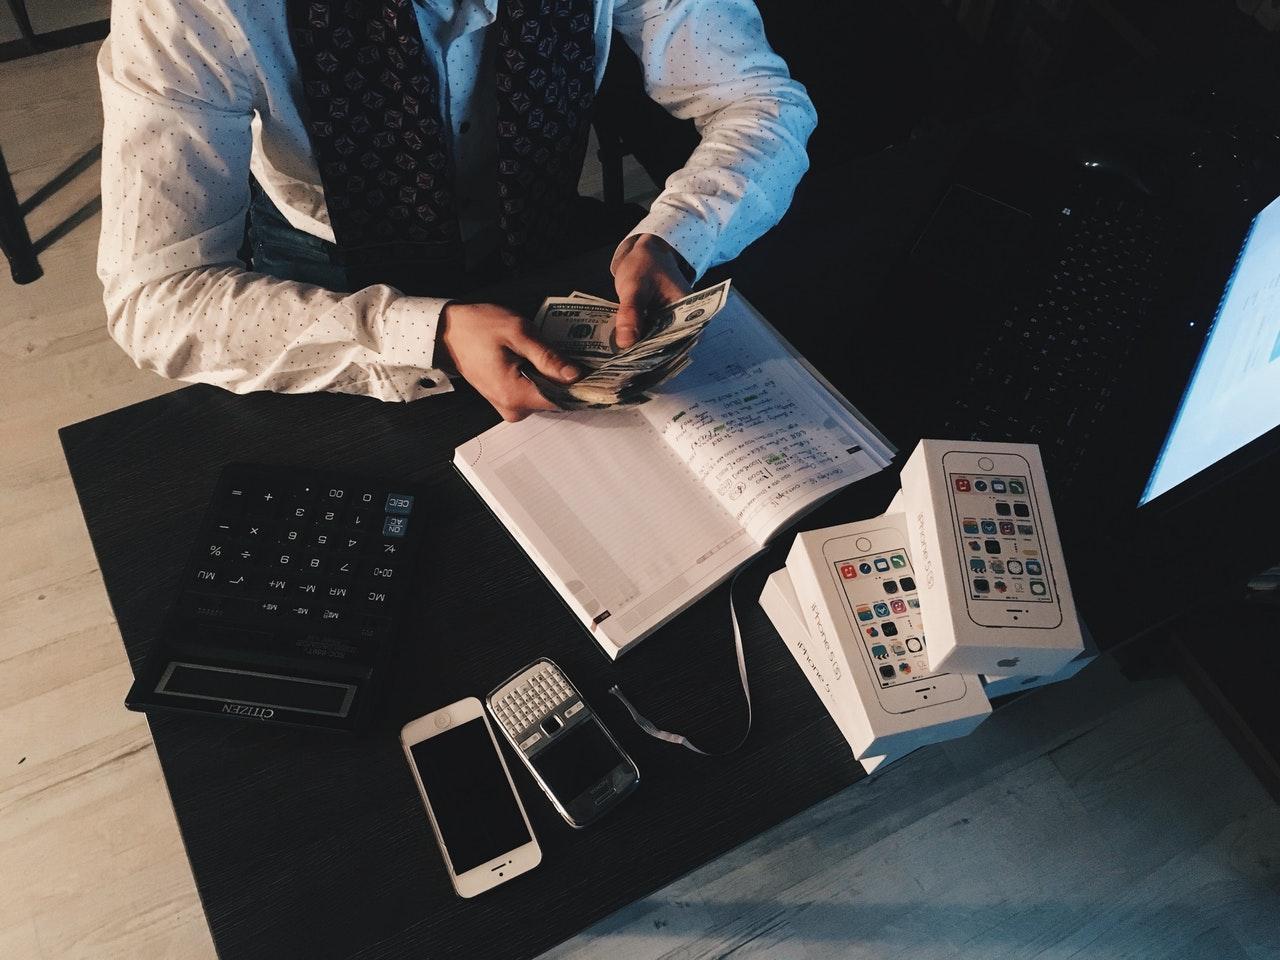 关于印发《手机银行销售储蓄国债(电子式) 试点办法》的通知